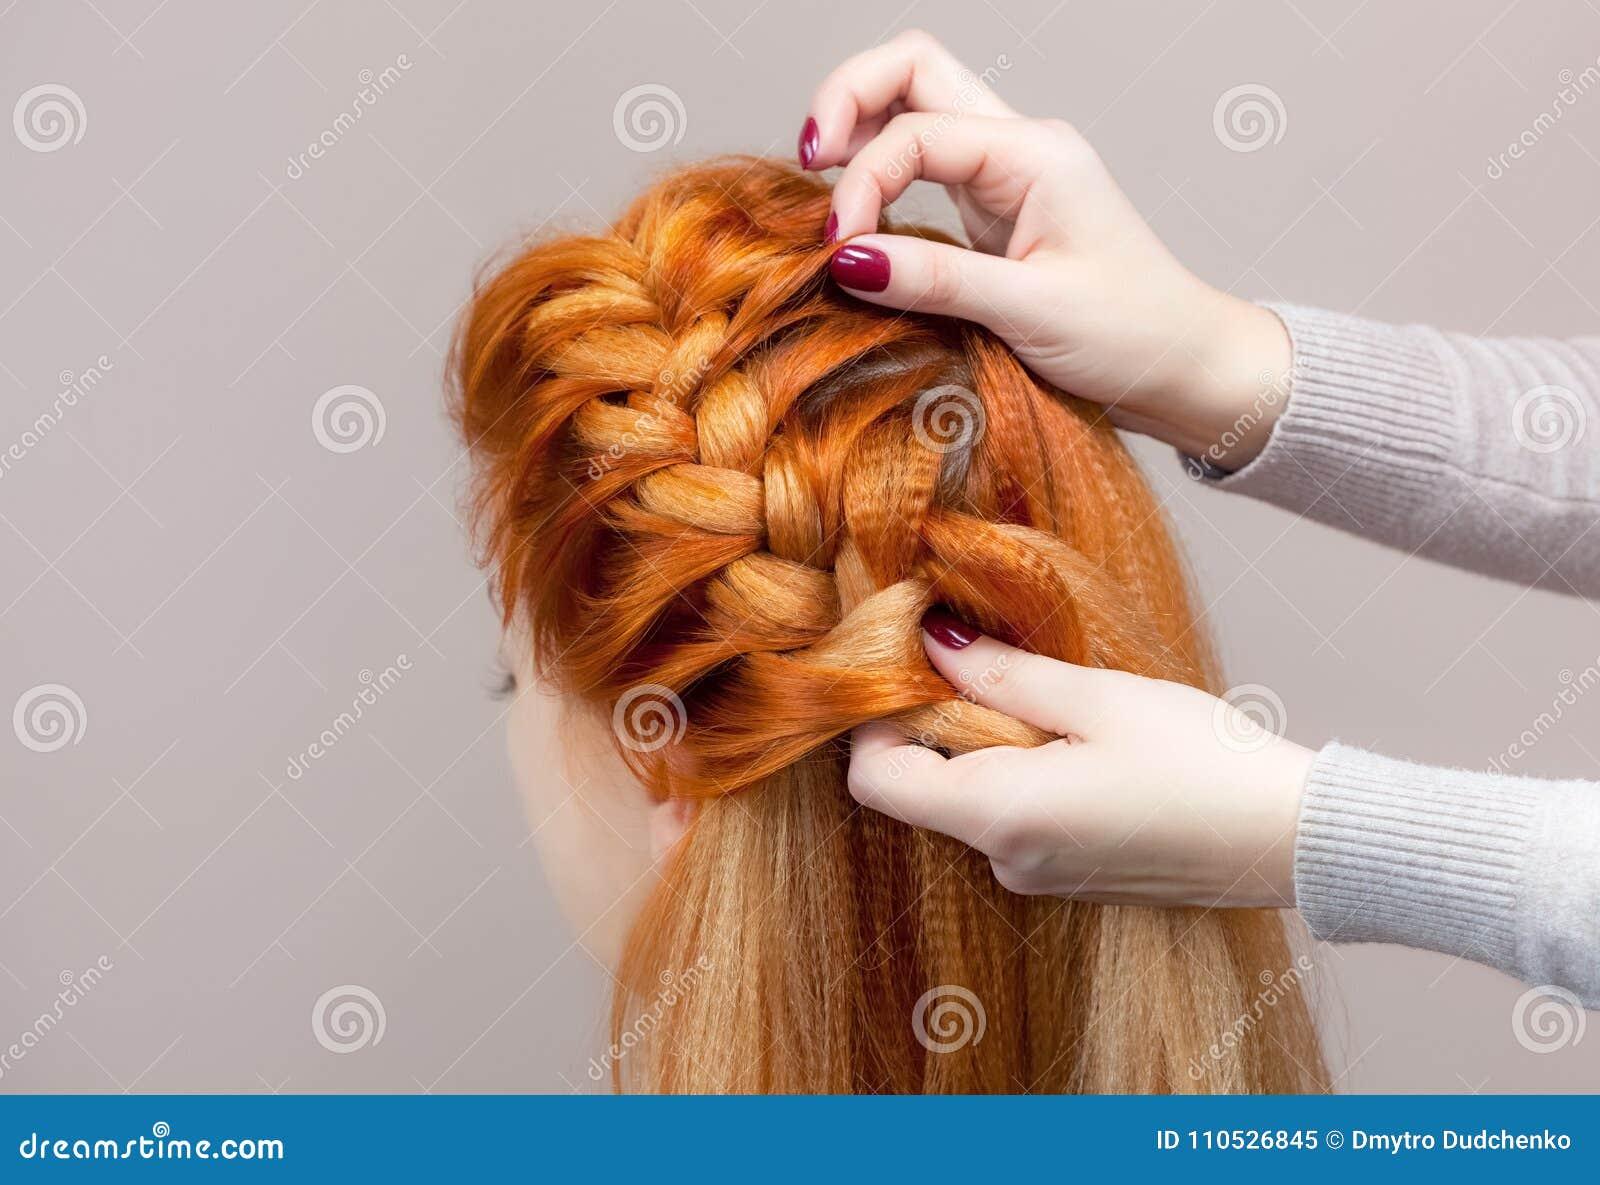 Schön, mit lang, spinnt rothaariges haariges Mädchen, Friseur eine Borte, Nahaufnahme